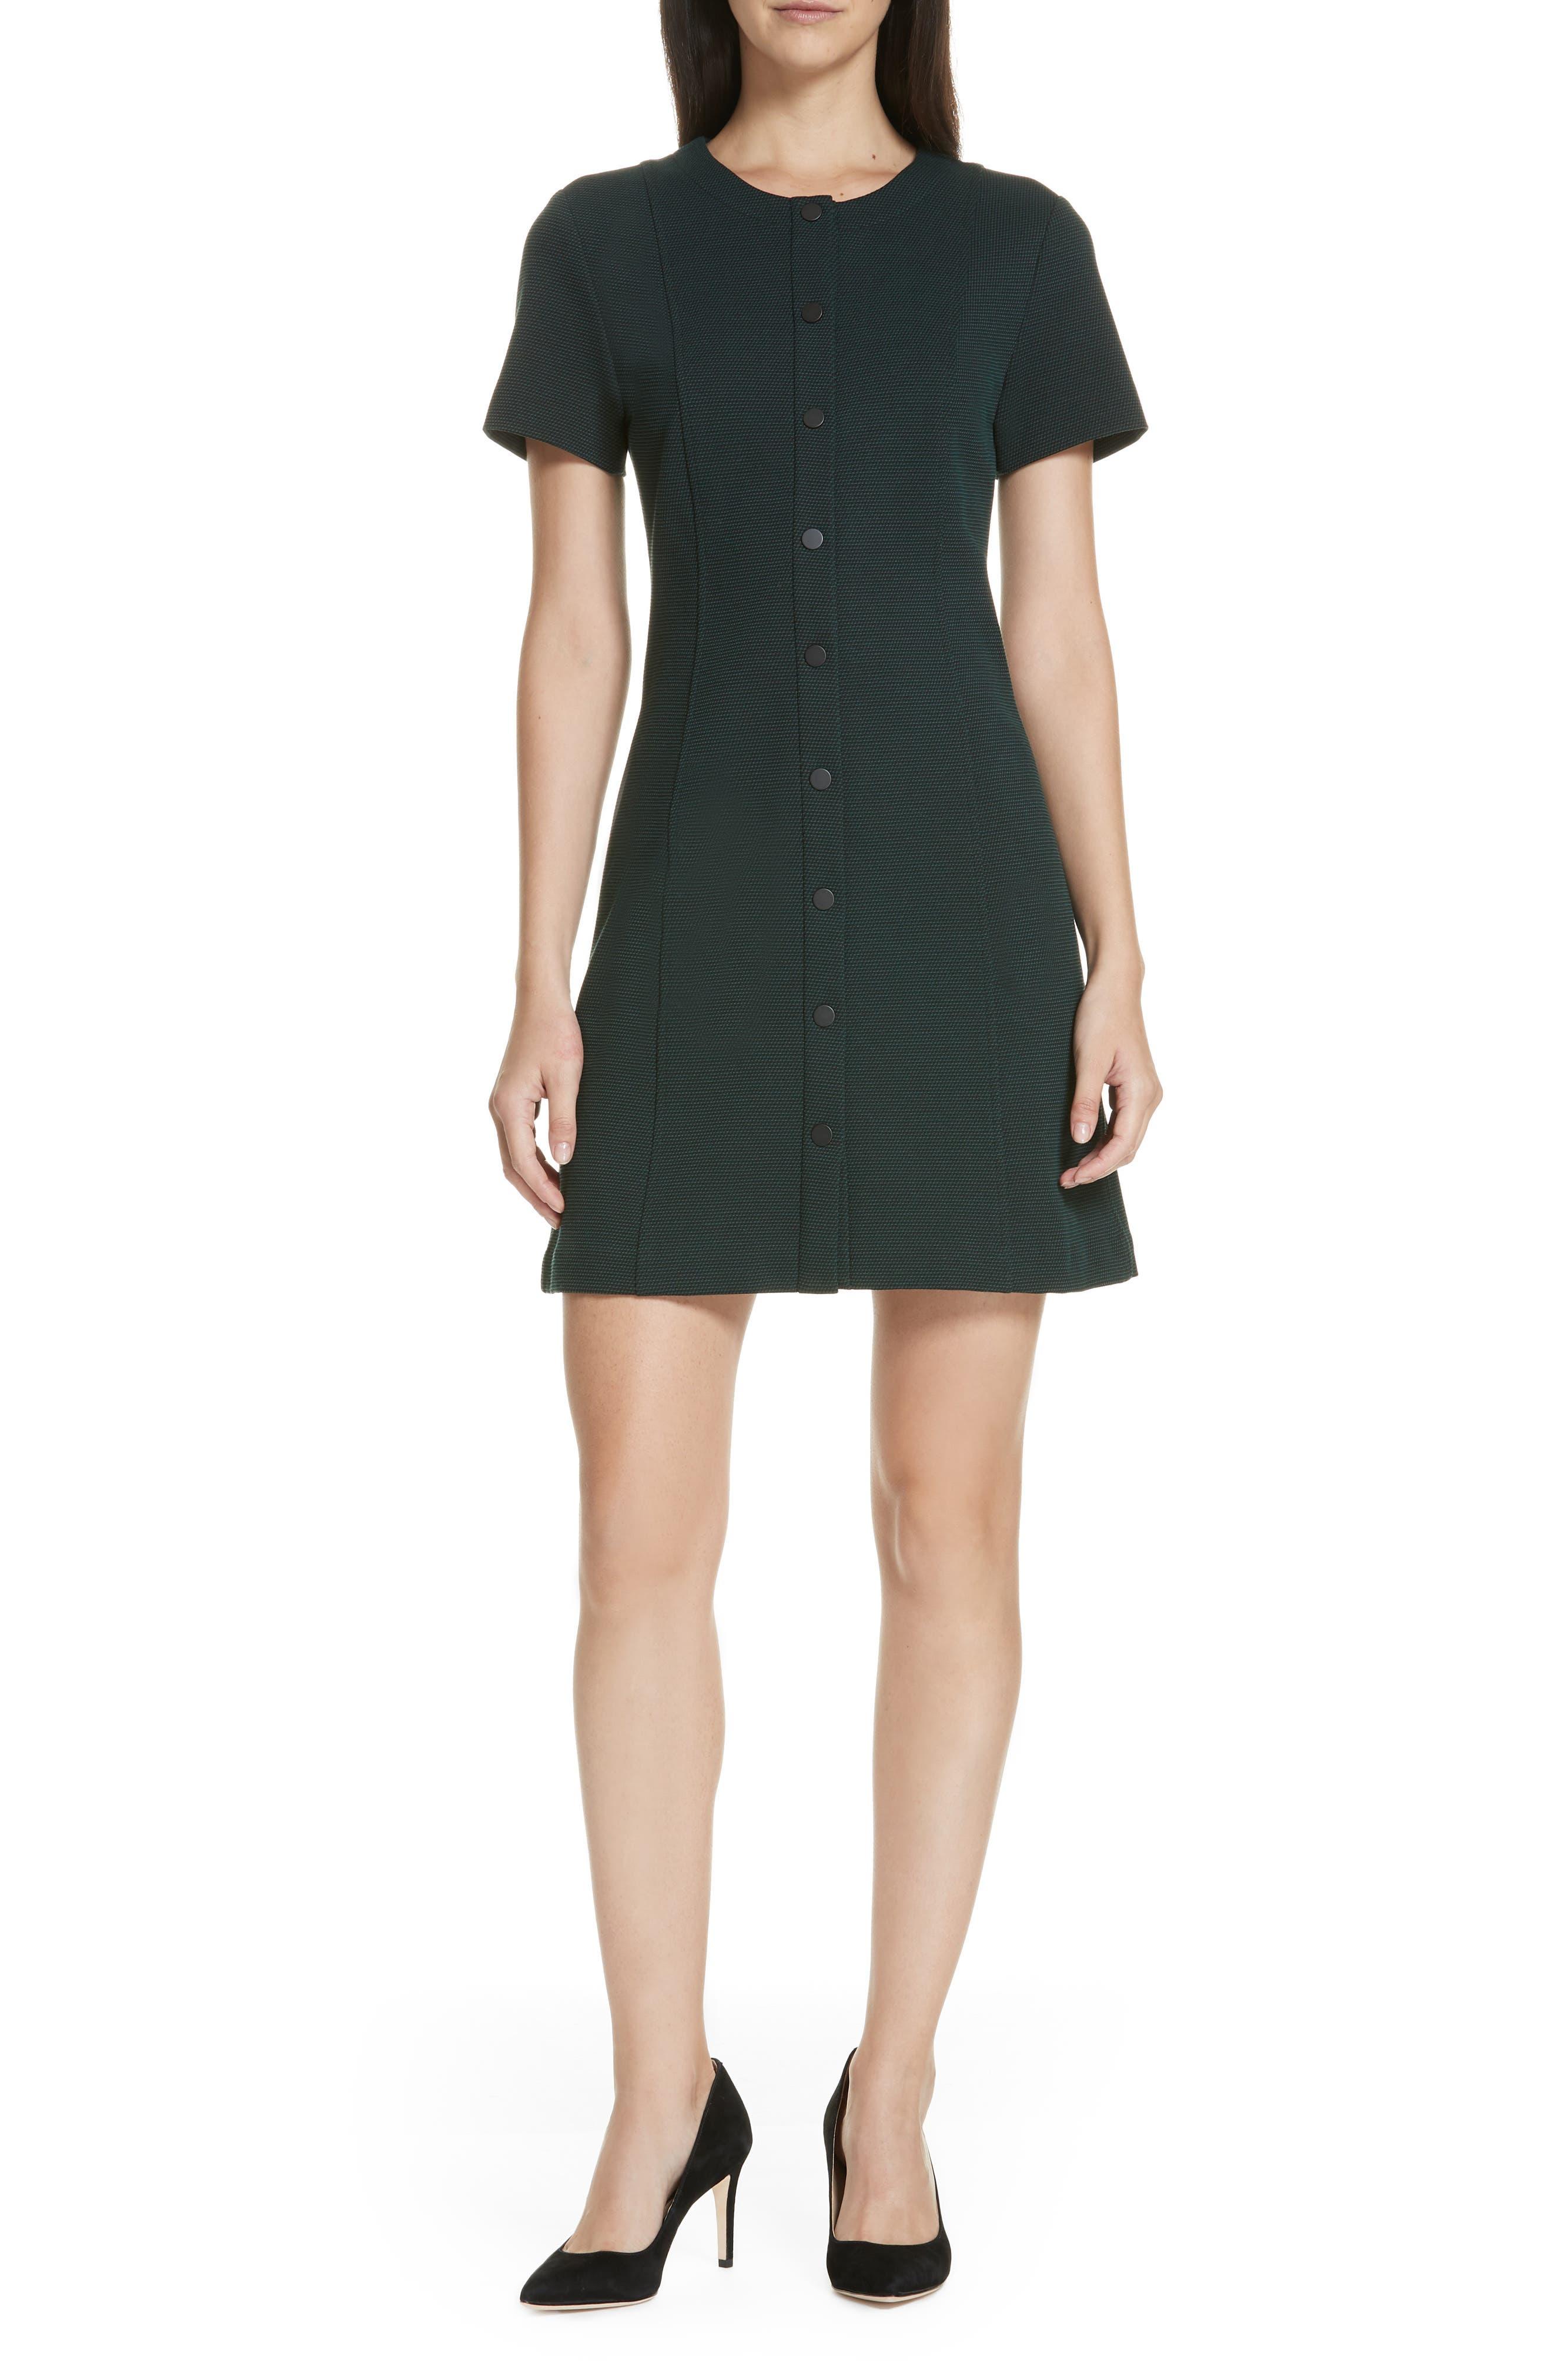 Easy Snap Textured Dress,                         Main,                         color, GREEN POPLAR/ POP NAVY